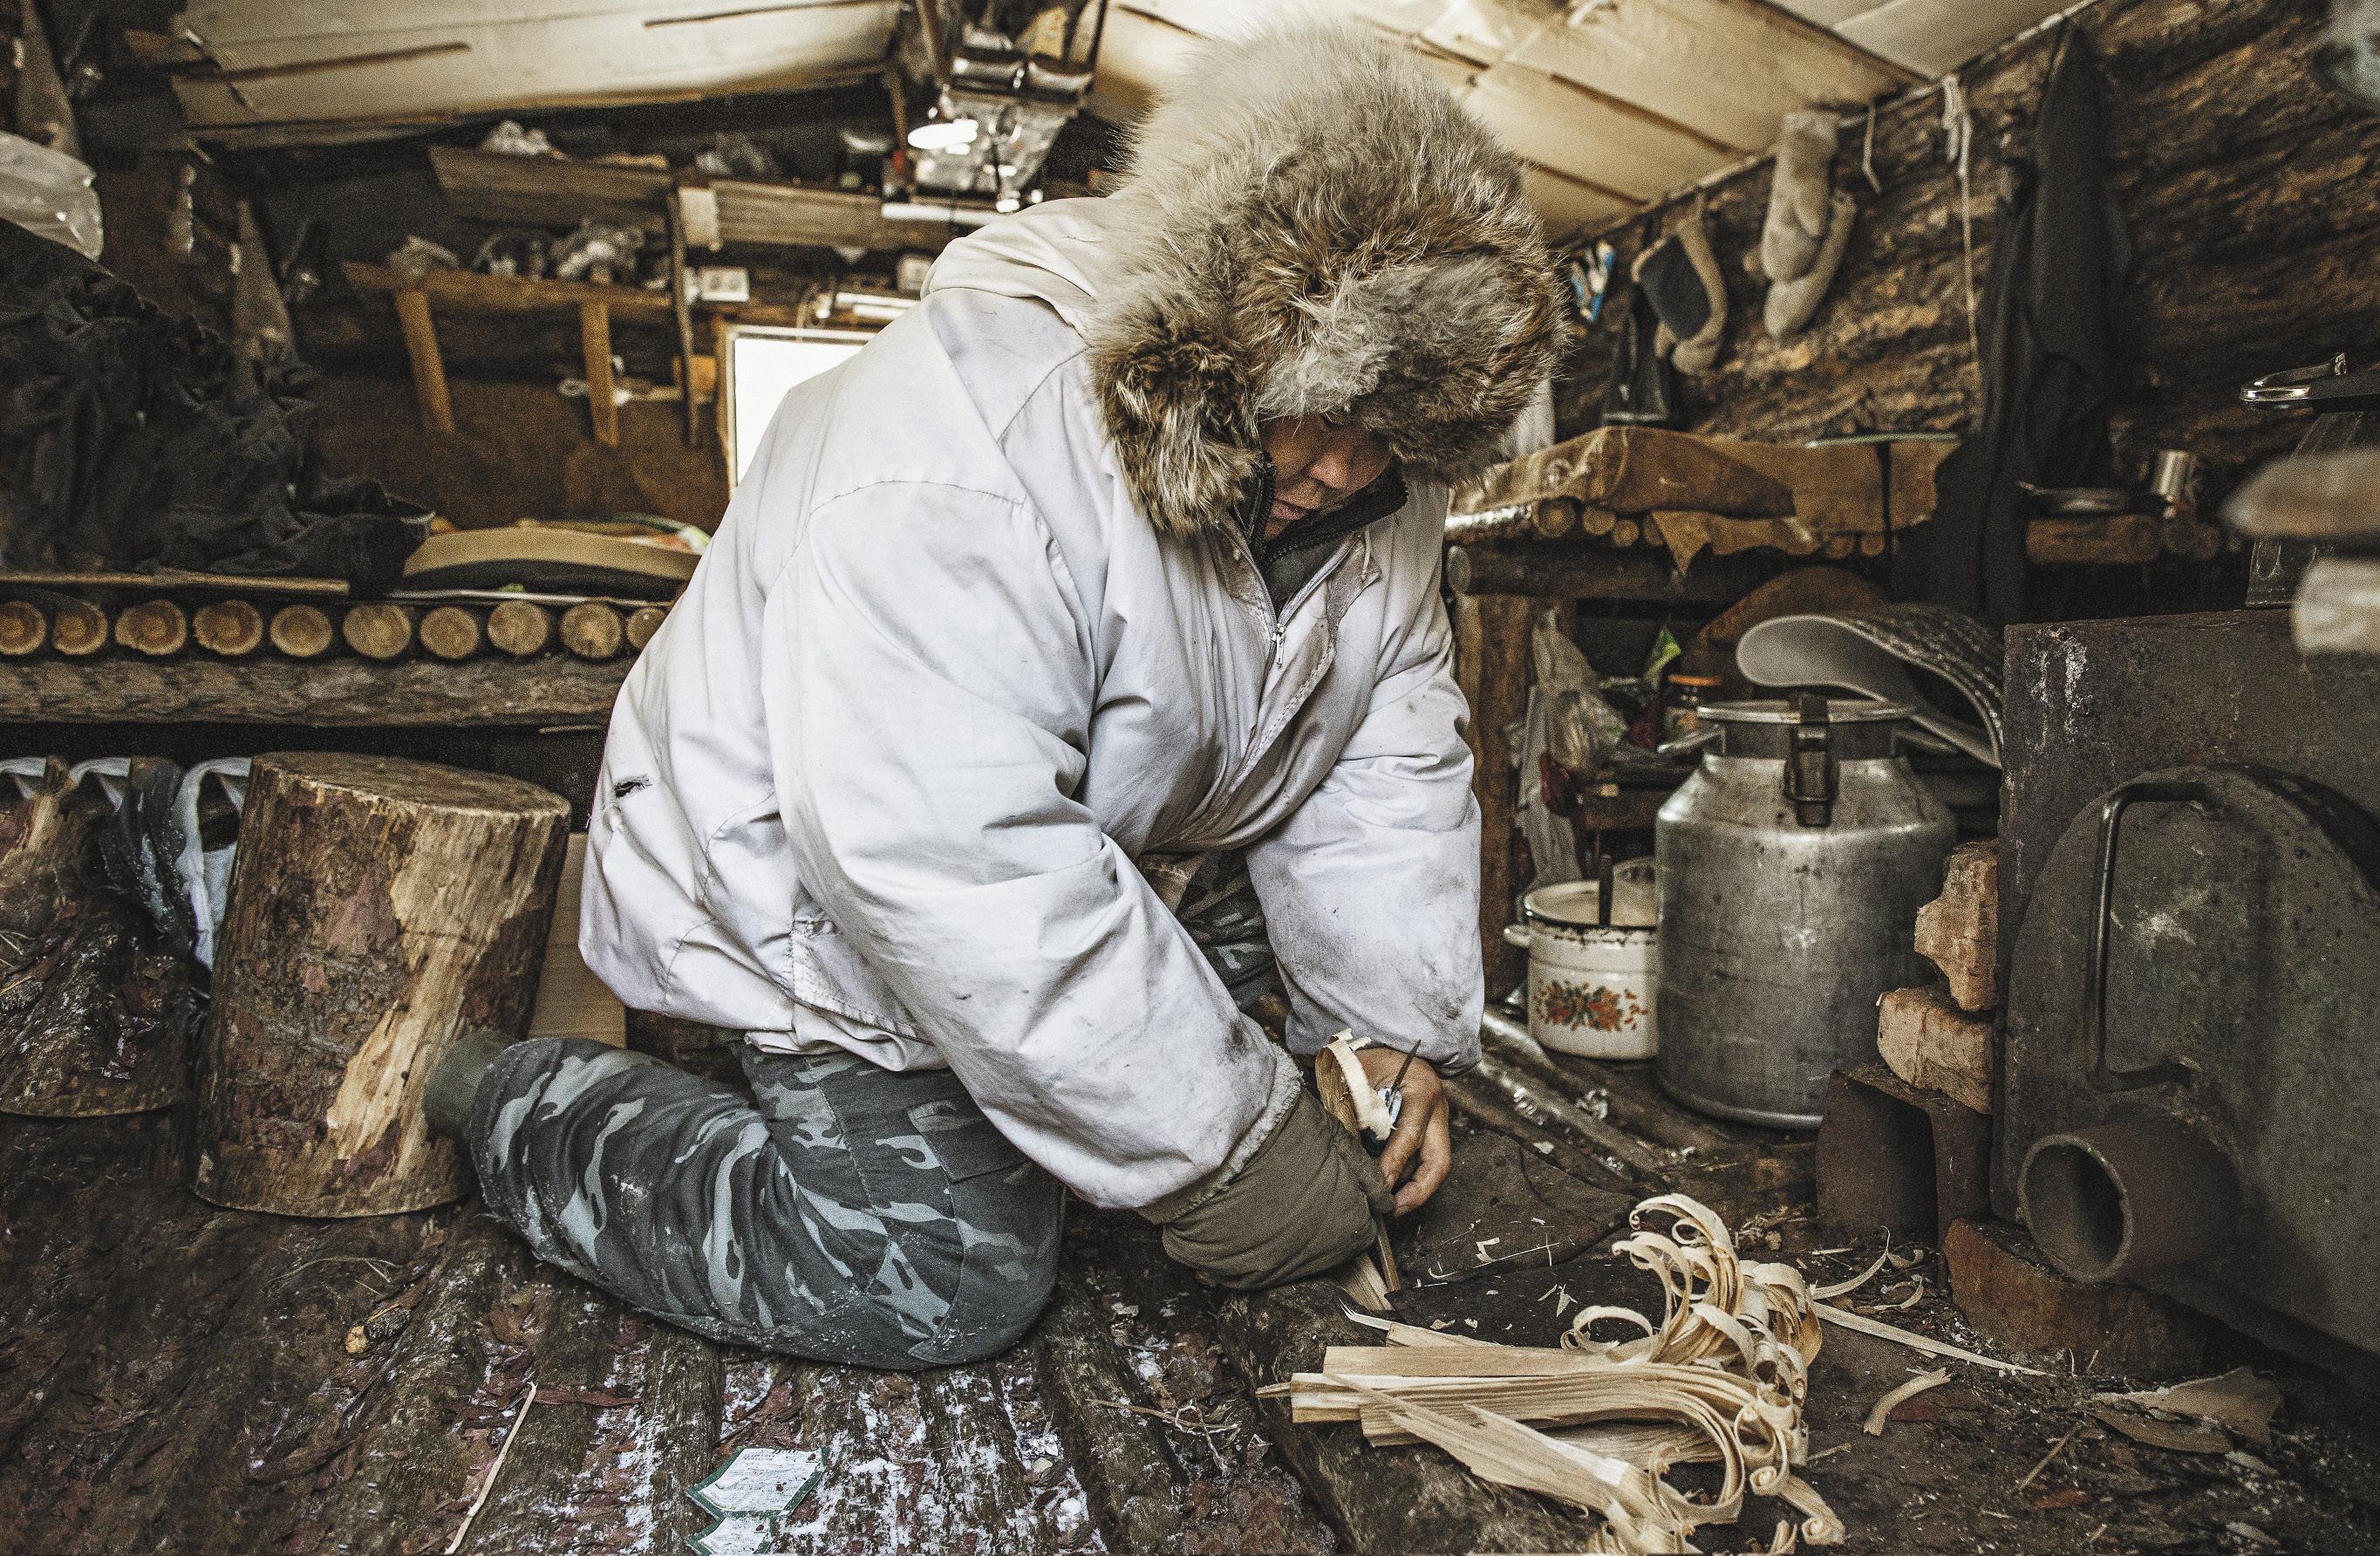 Ион Максимович готовит щепу для дровяной печи в своем охотничьем домике. Чтобы огонь не потух, он вынужден несколько раз за ночь вставать и подбрасывать поленья в «буржуйку».